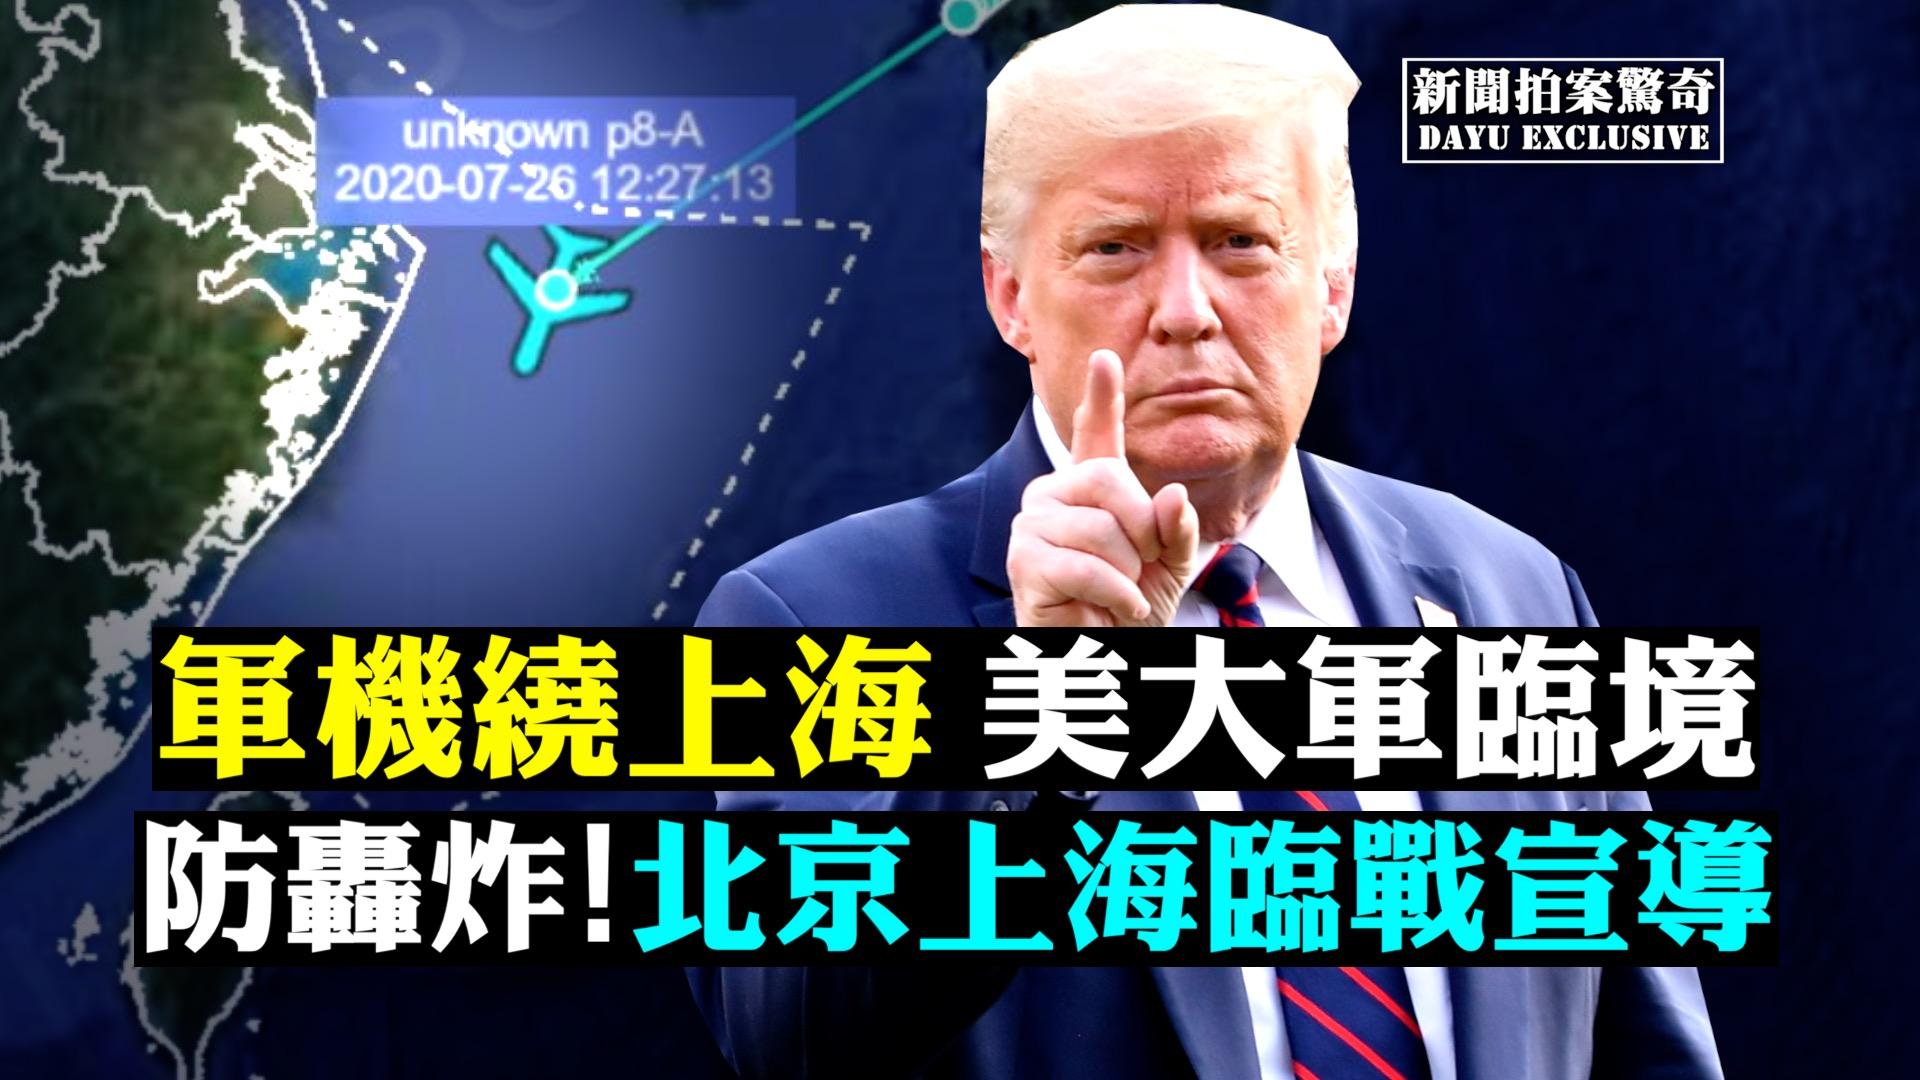 軍機繞上海,美大軍臨境。防轟炸,北京上海臨戰宣導。(大紀元合成圖)